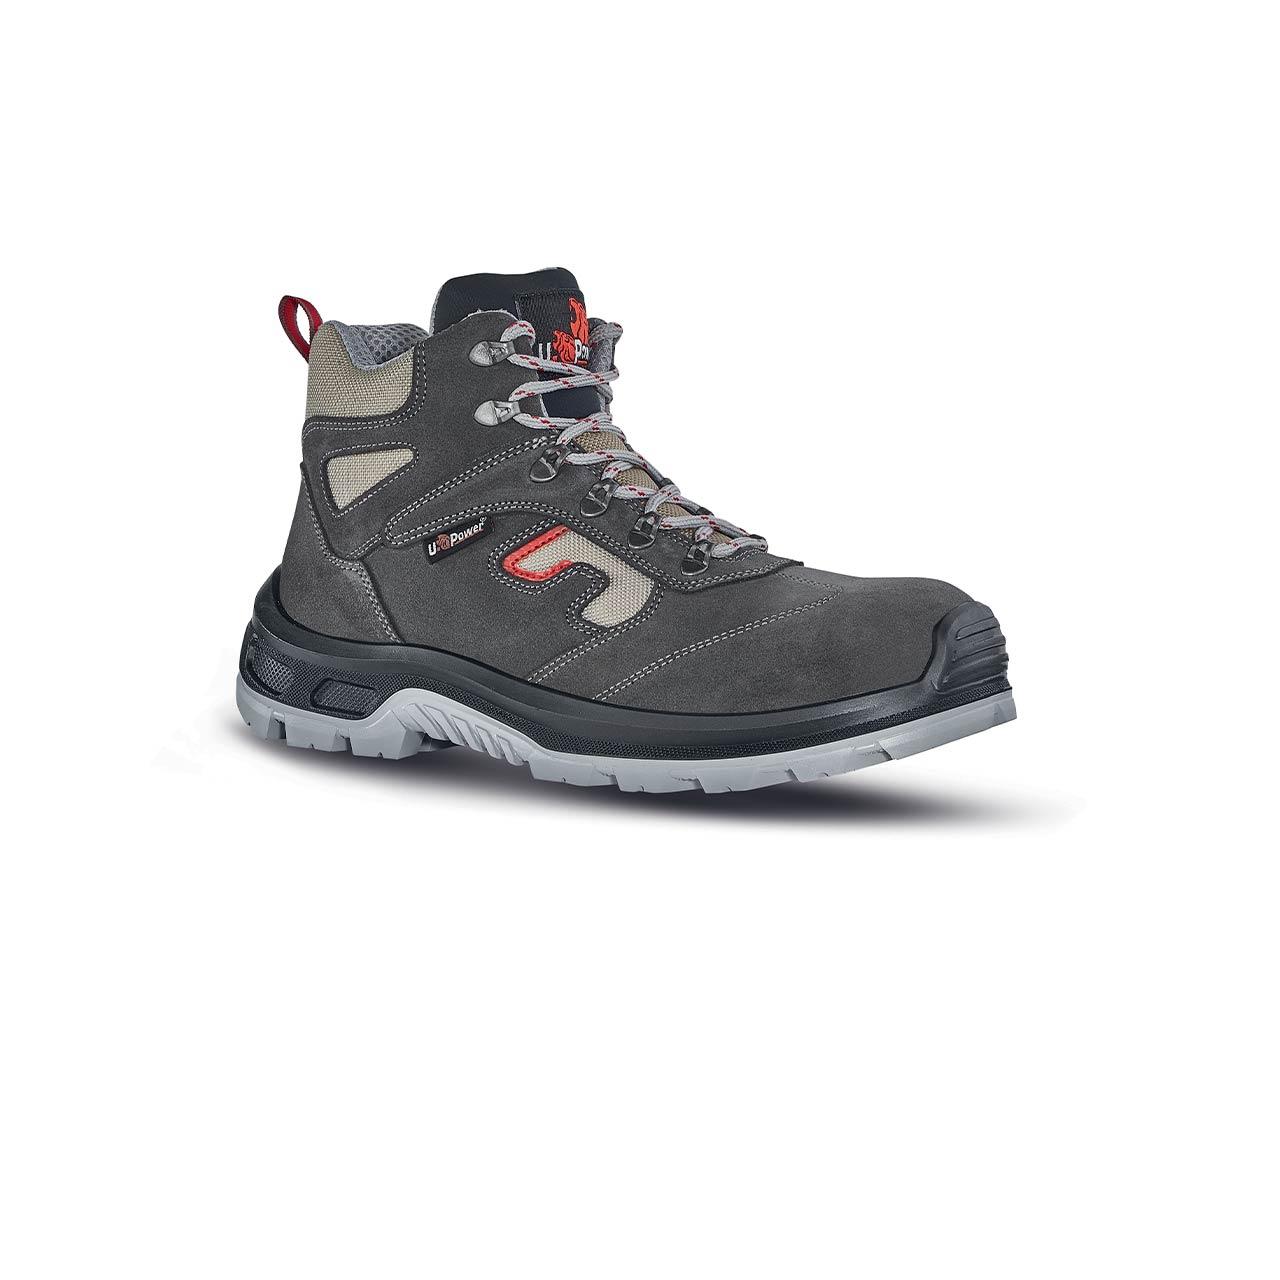 scarpa antinfortunistica upower modello check linea stepone vista laterale